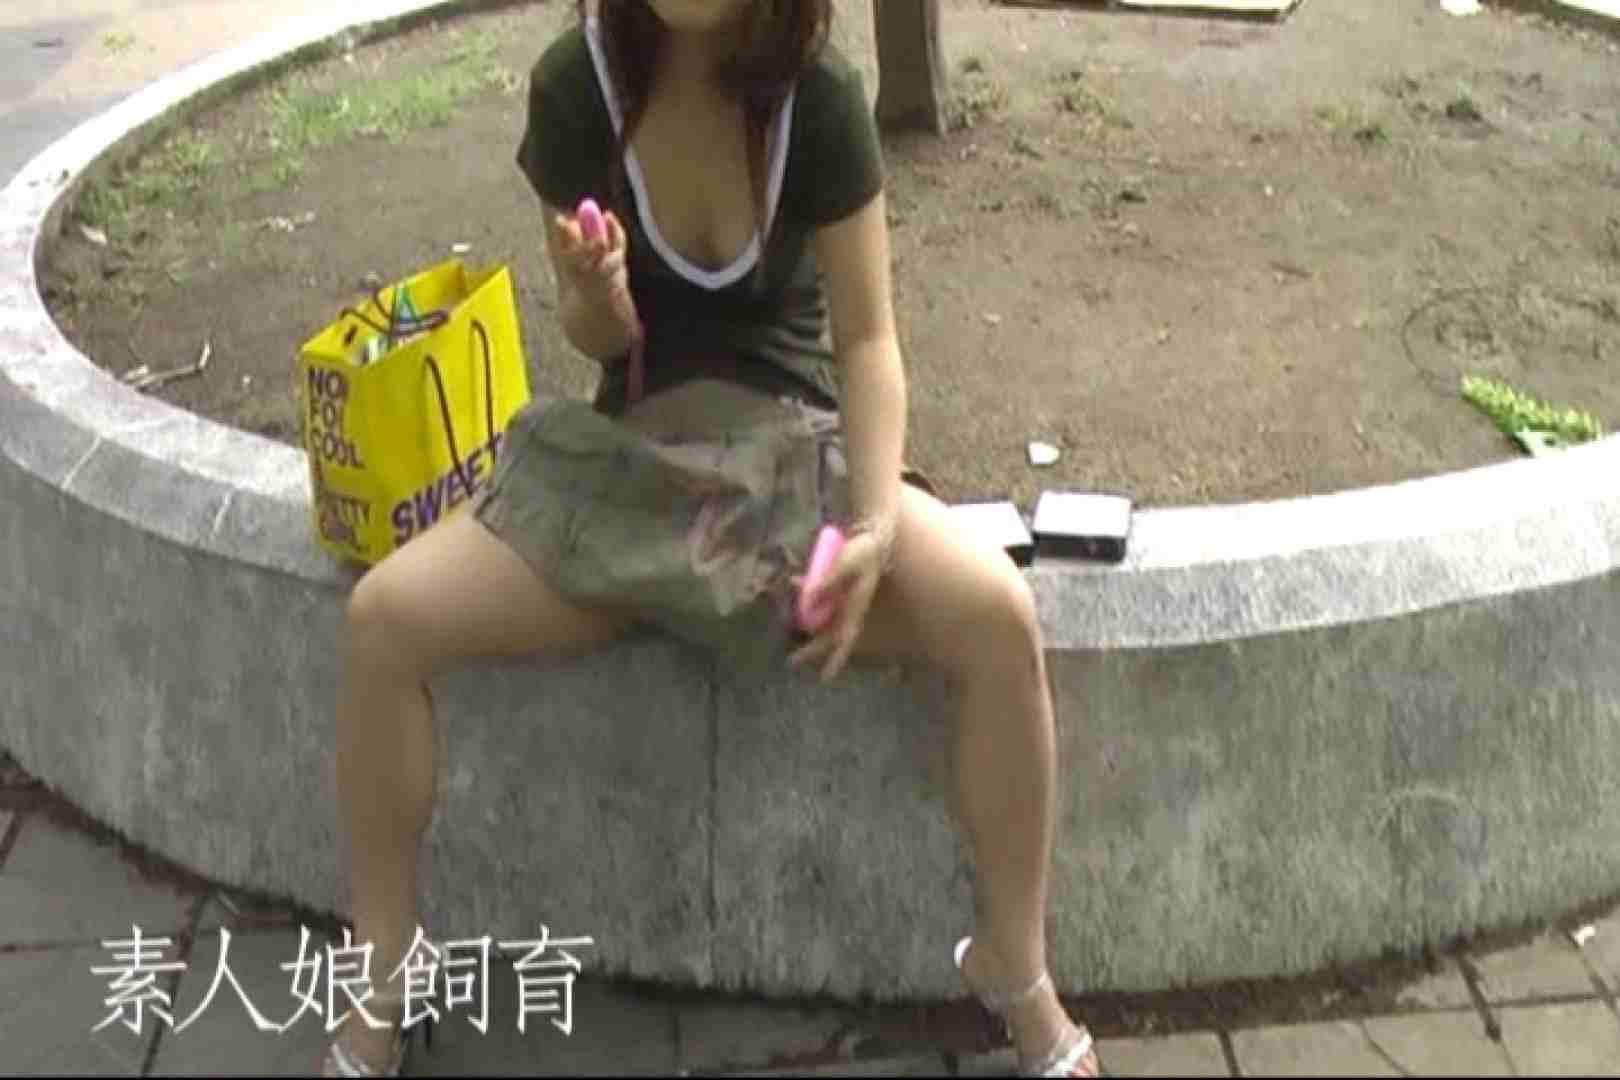 素人嬢飼育~お前の餌は他人棒~野外露出 素人 すけべAV動画紹介 73枚 12